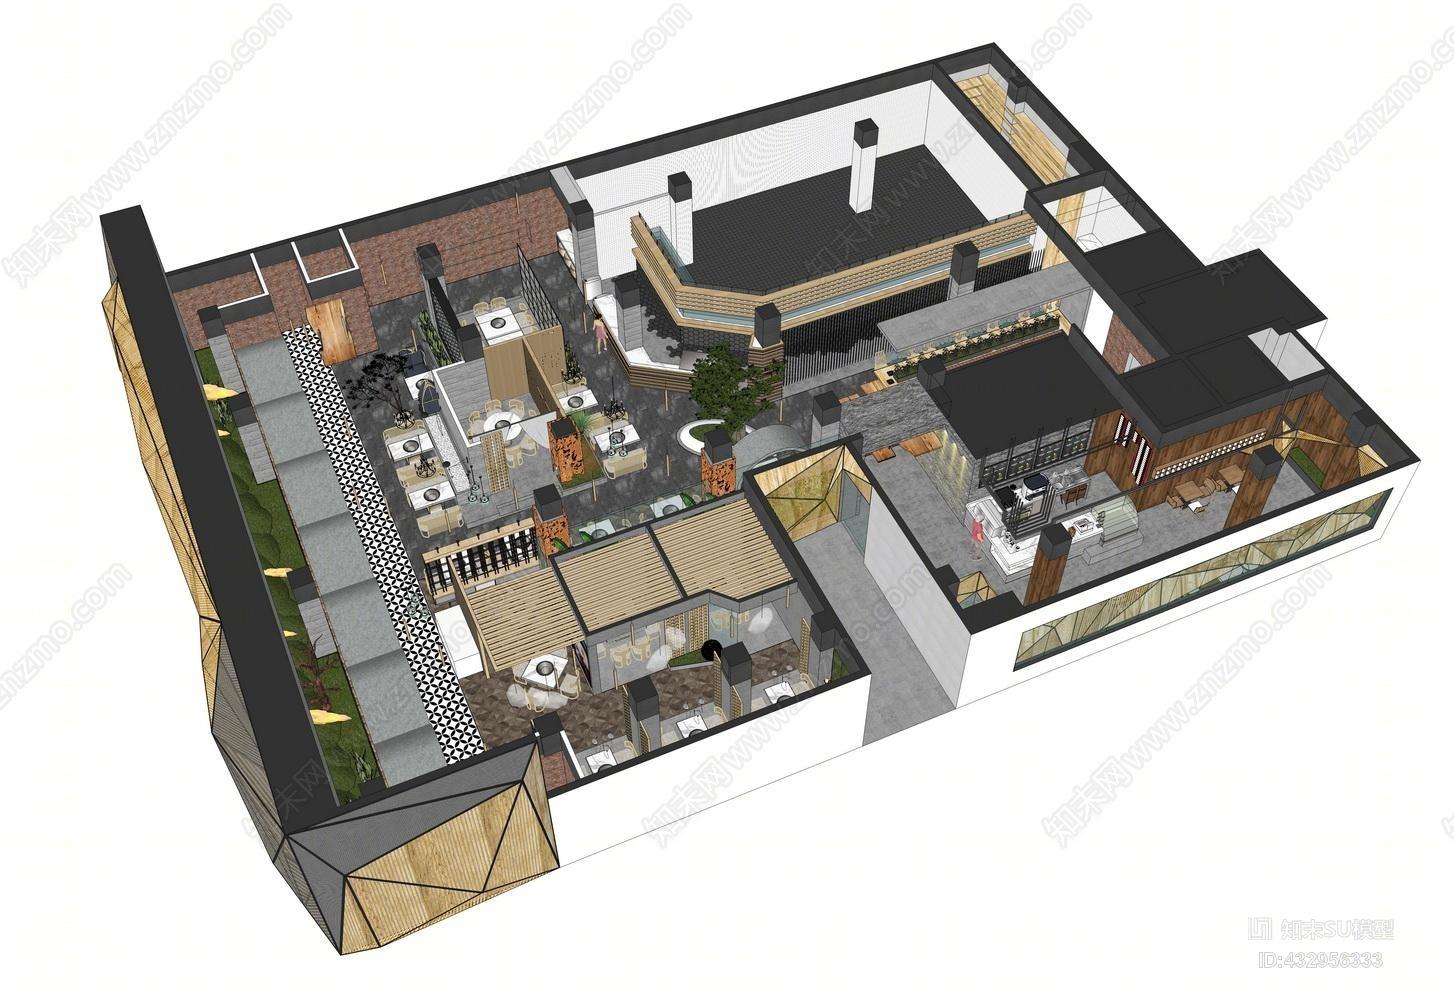 火锅店 餐厅餐饮茶餐厅 咖啡厅 空间设计 吊灯 装饰品 摆件 卡座